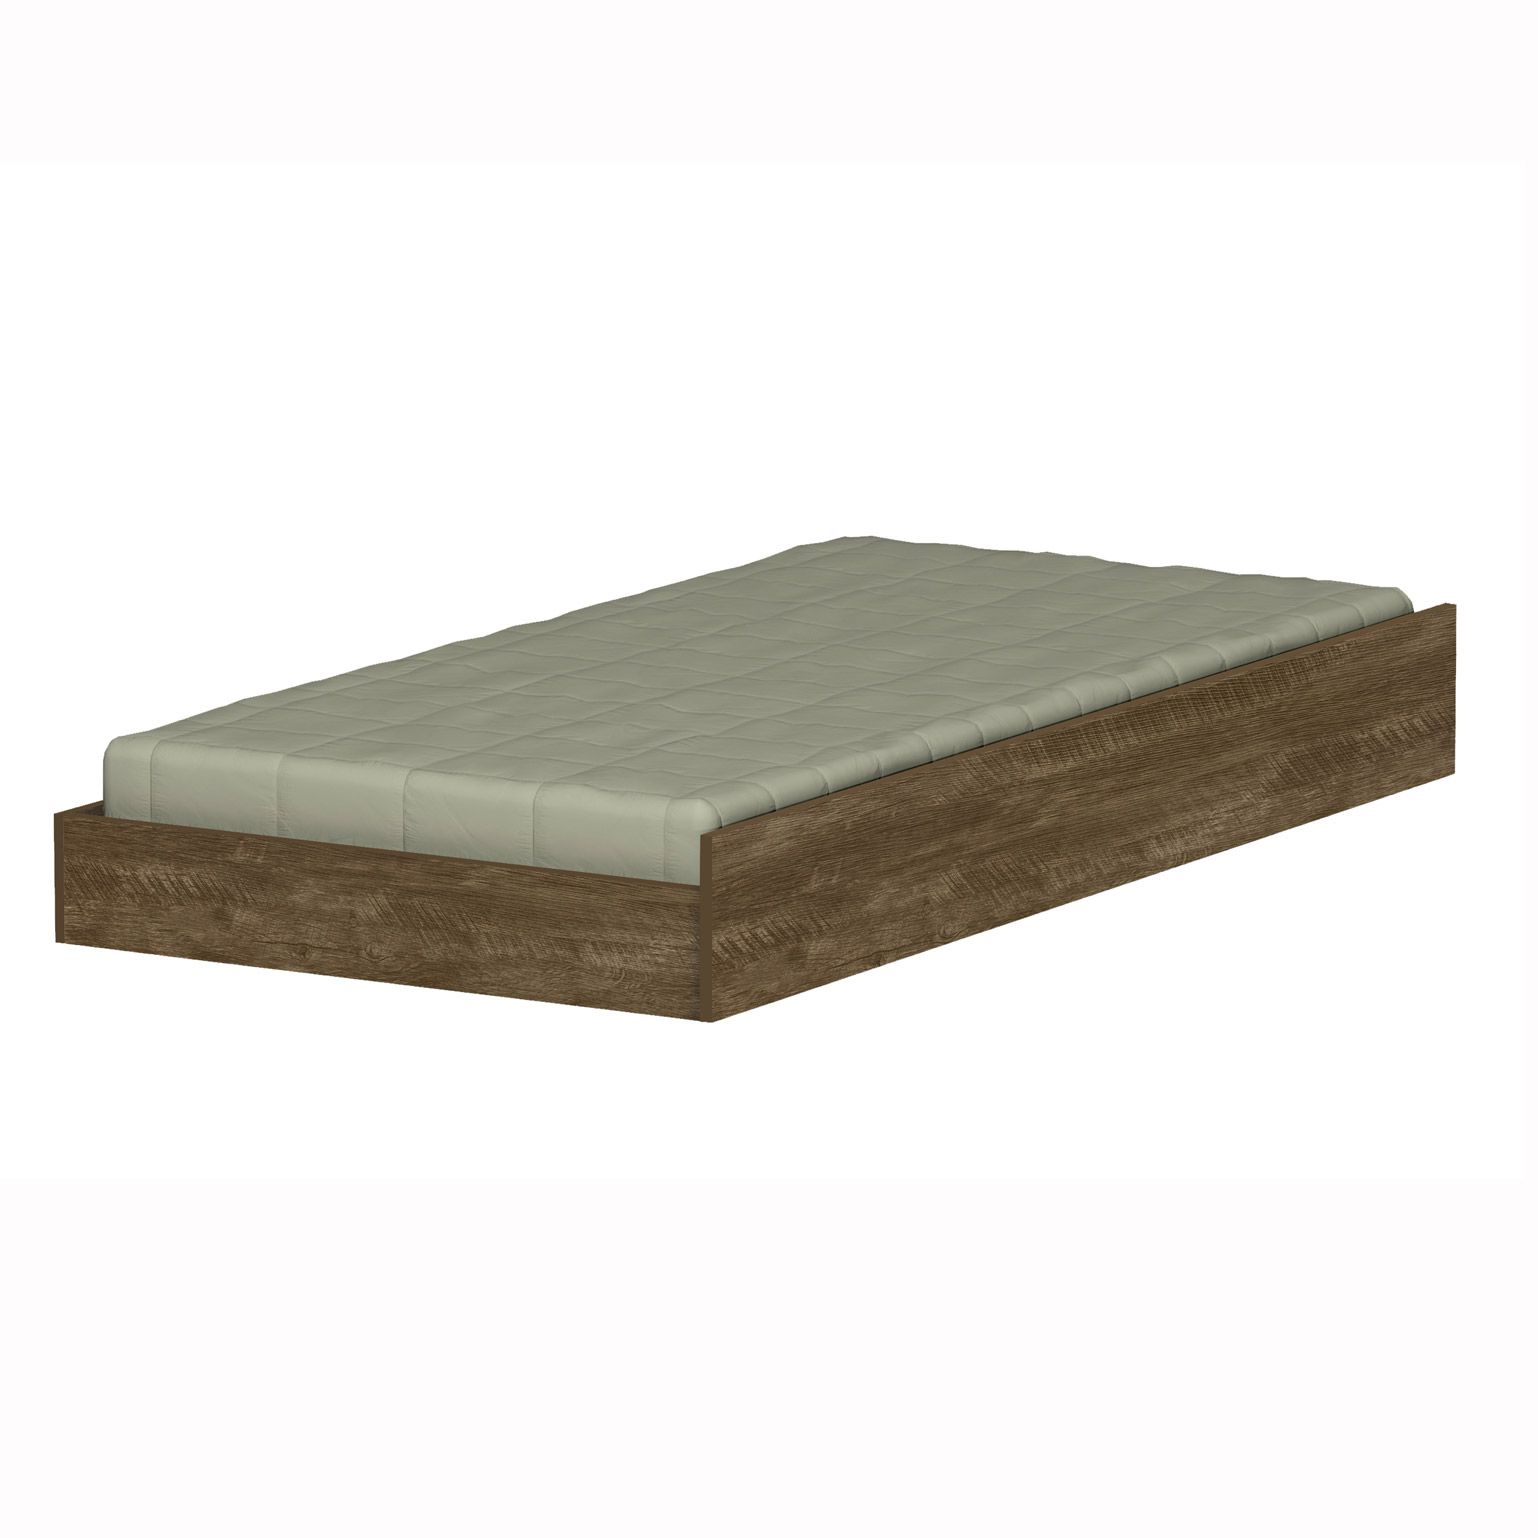 Cama Solteiro Bibox Luara Castanho Wood